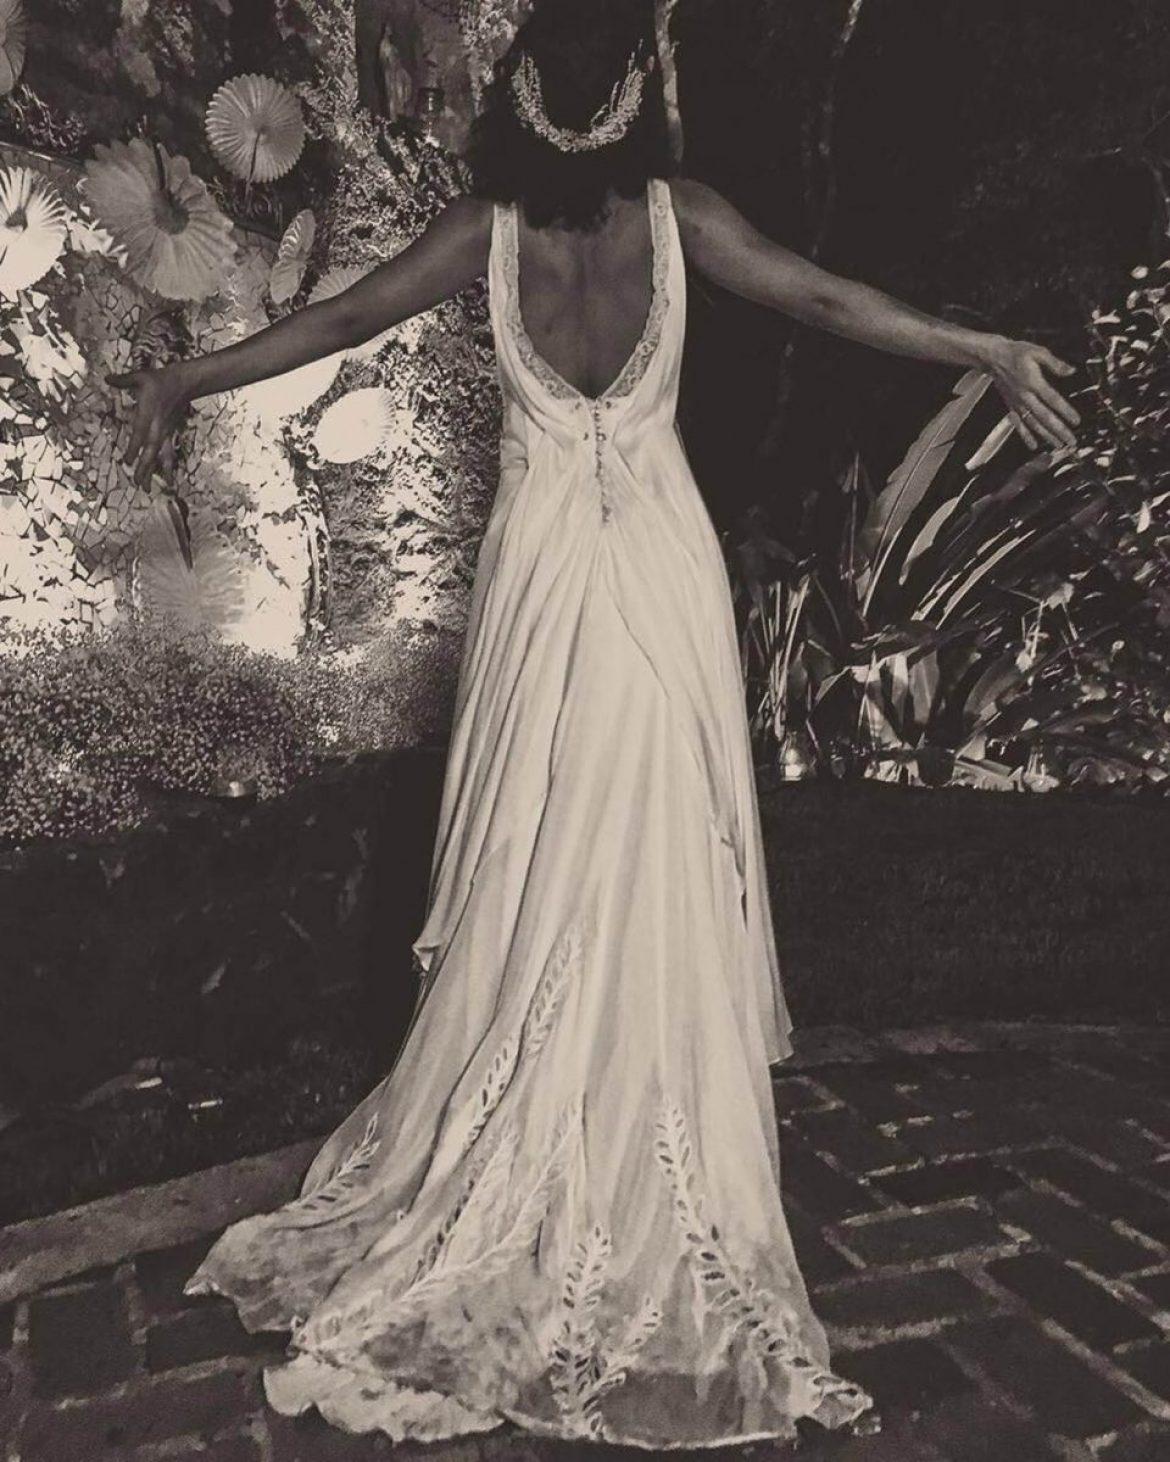 Vestido de noiva da atriz Débora Nascimento para casamento com José Loreto, assinado pela estilista Emannuelle Junqueira.